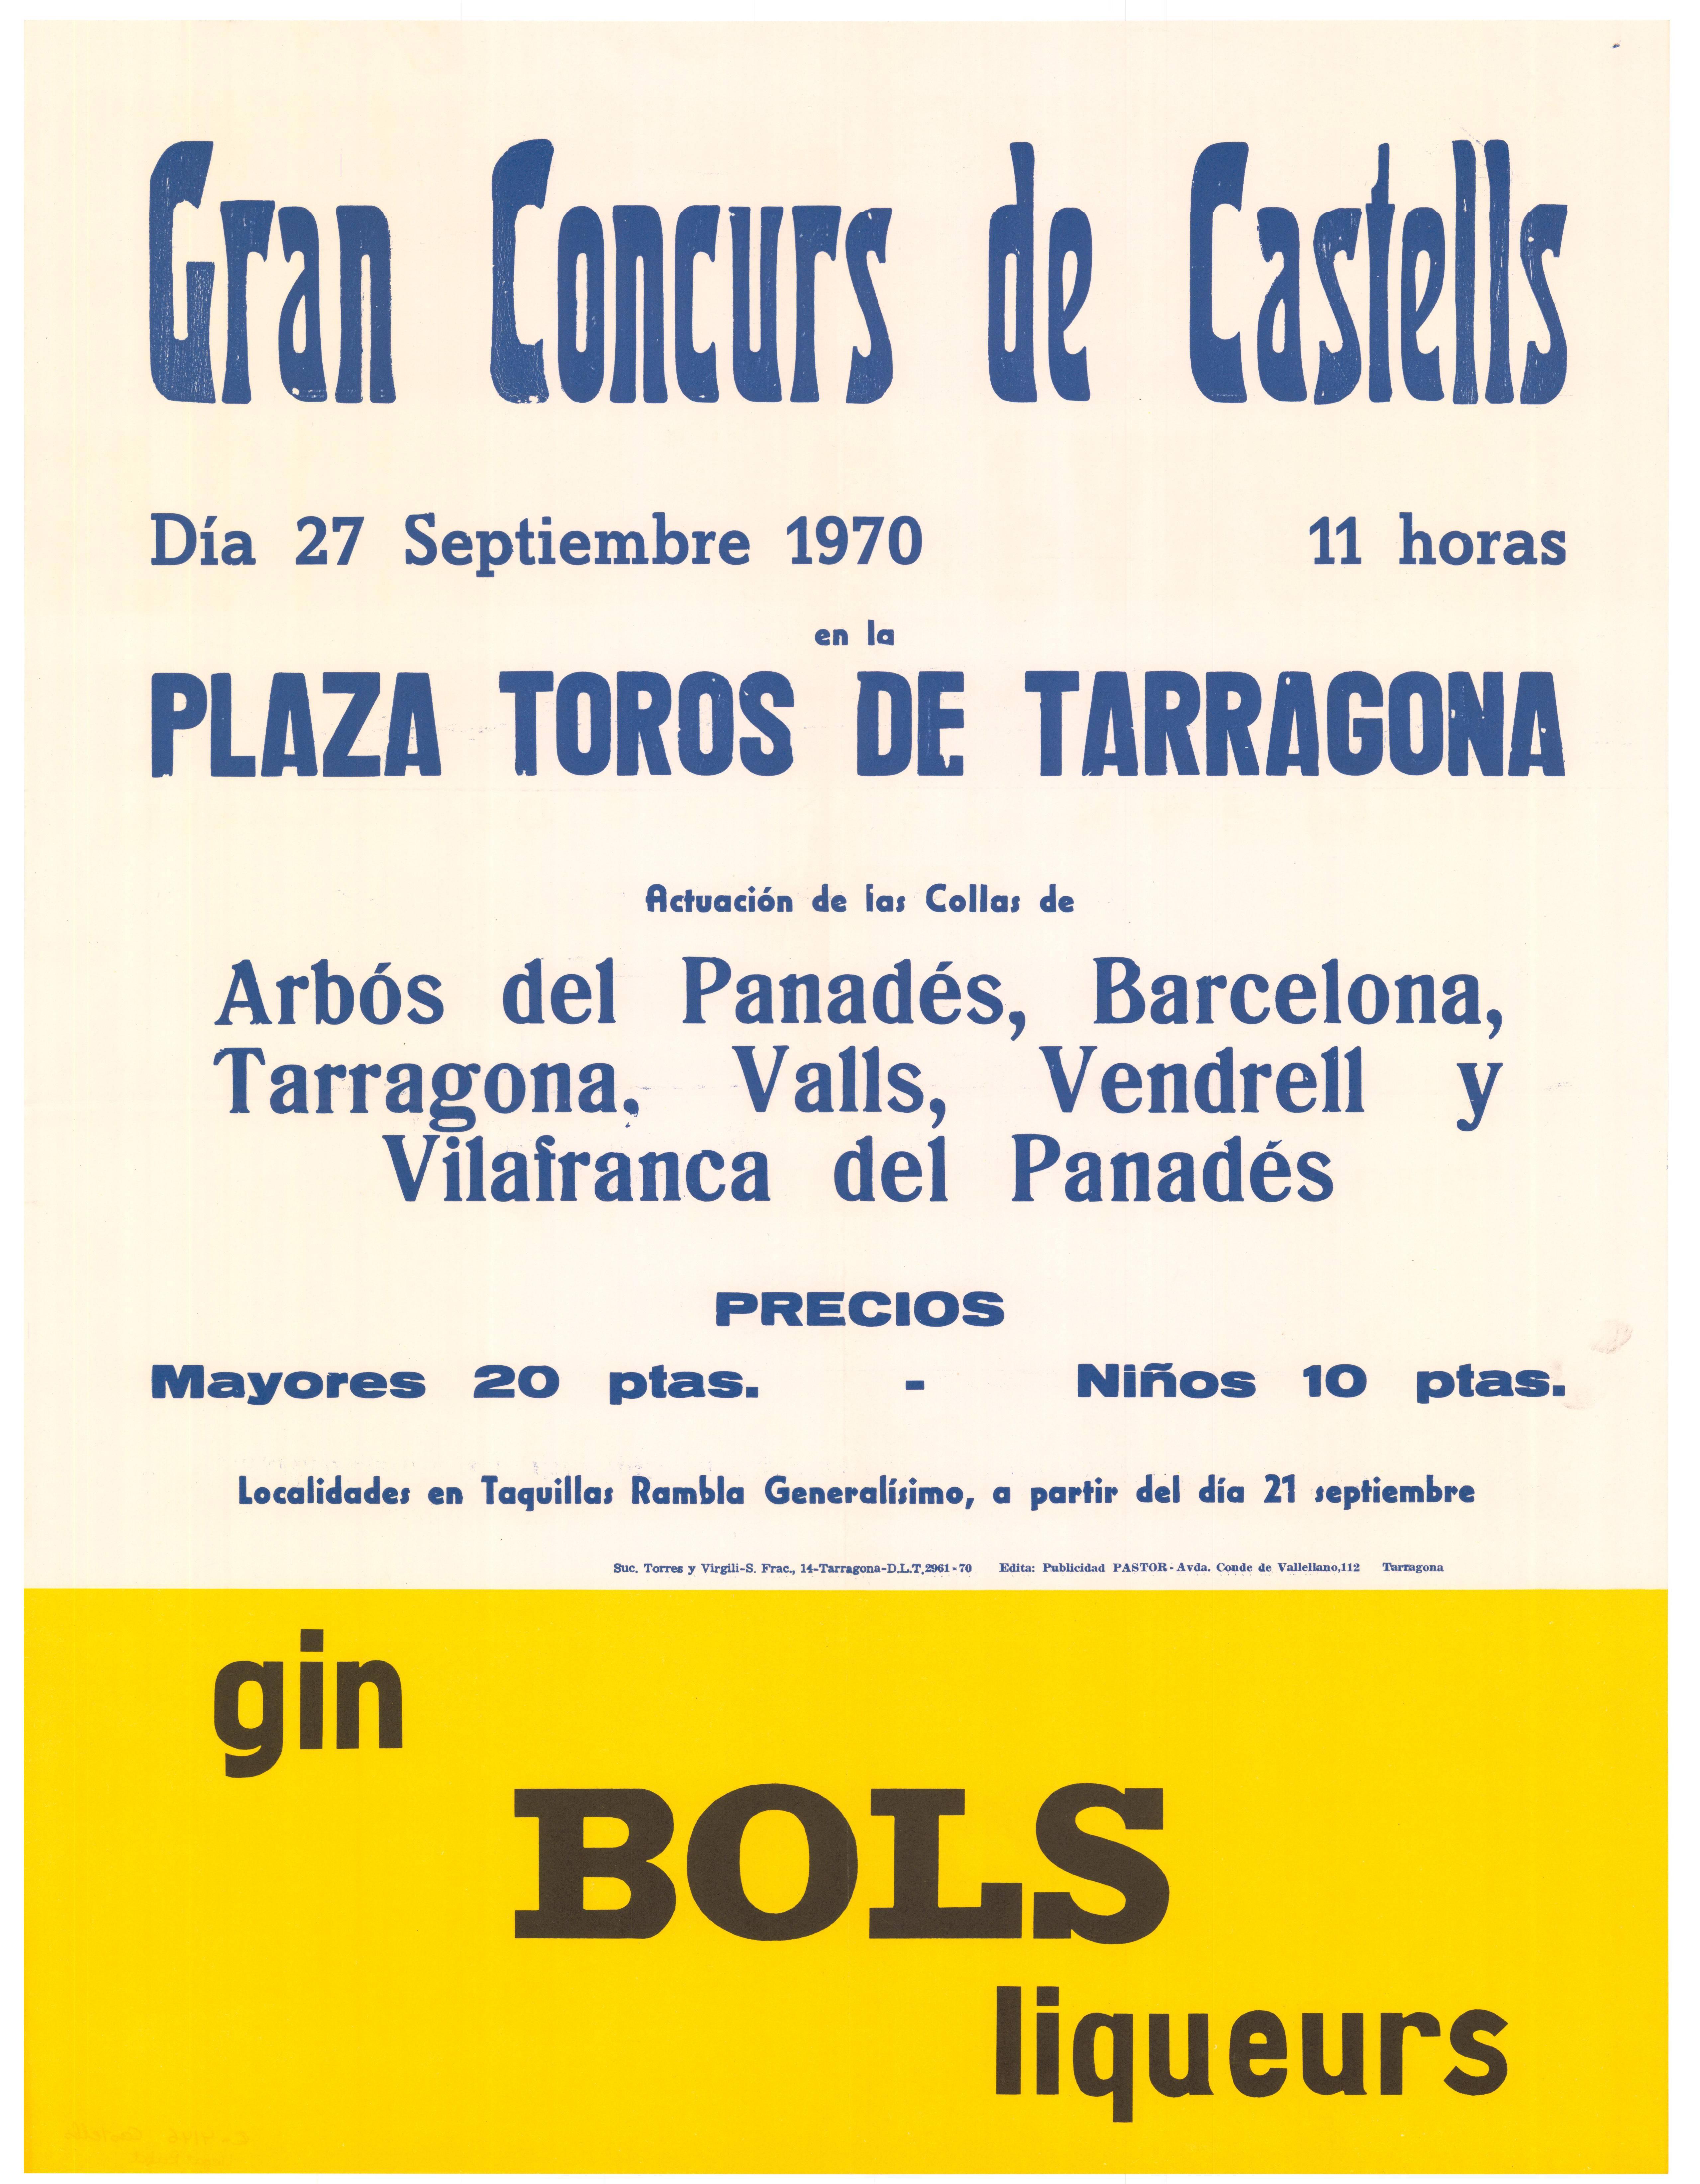 Cartell del Concurs de Castells de 1970